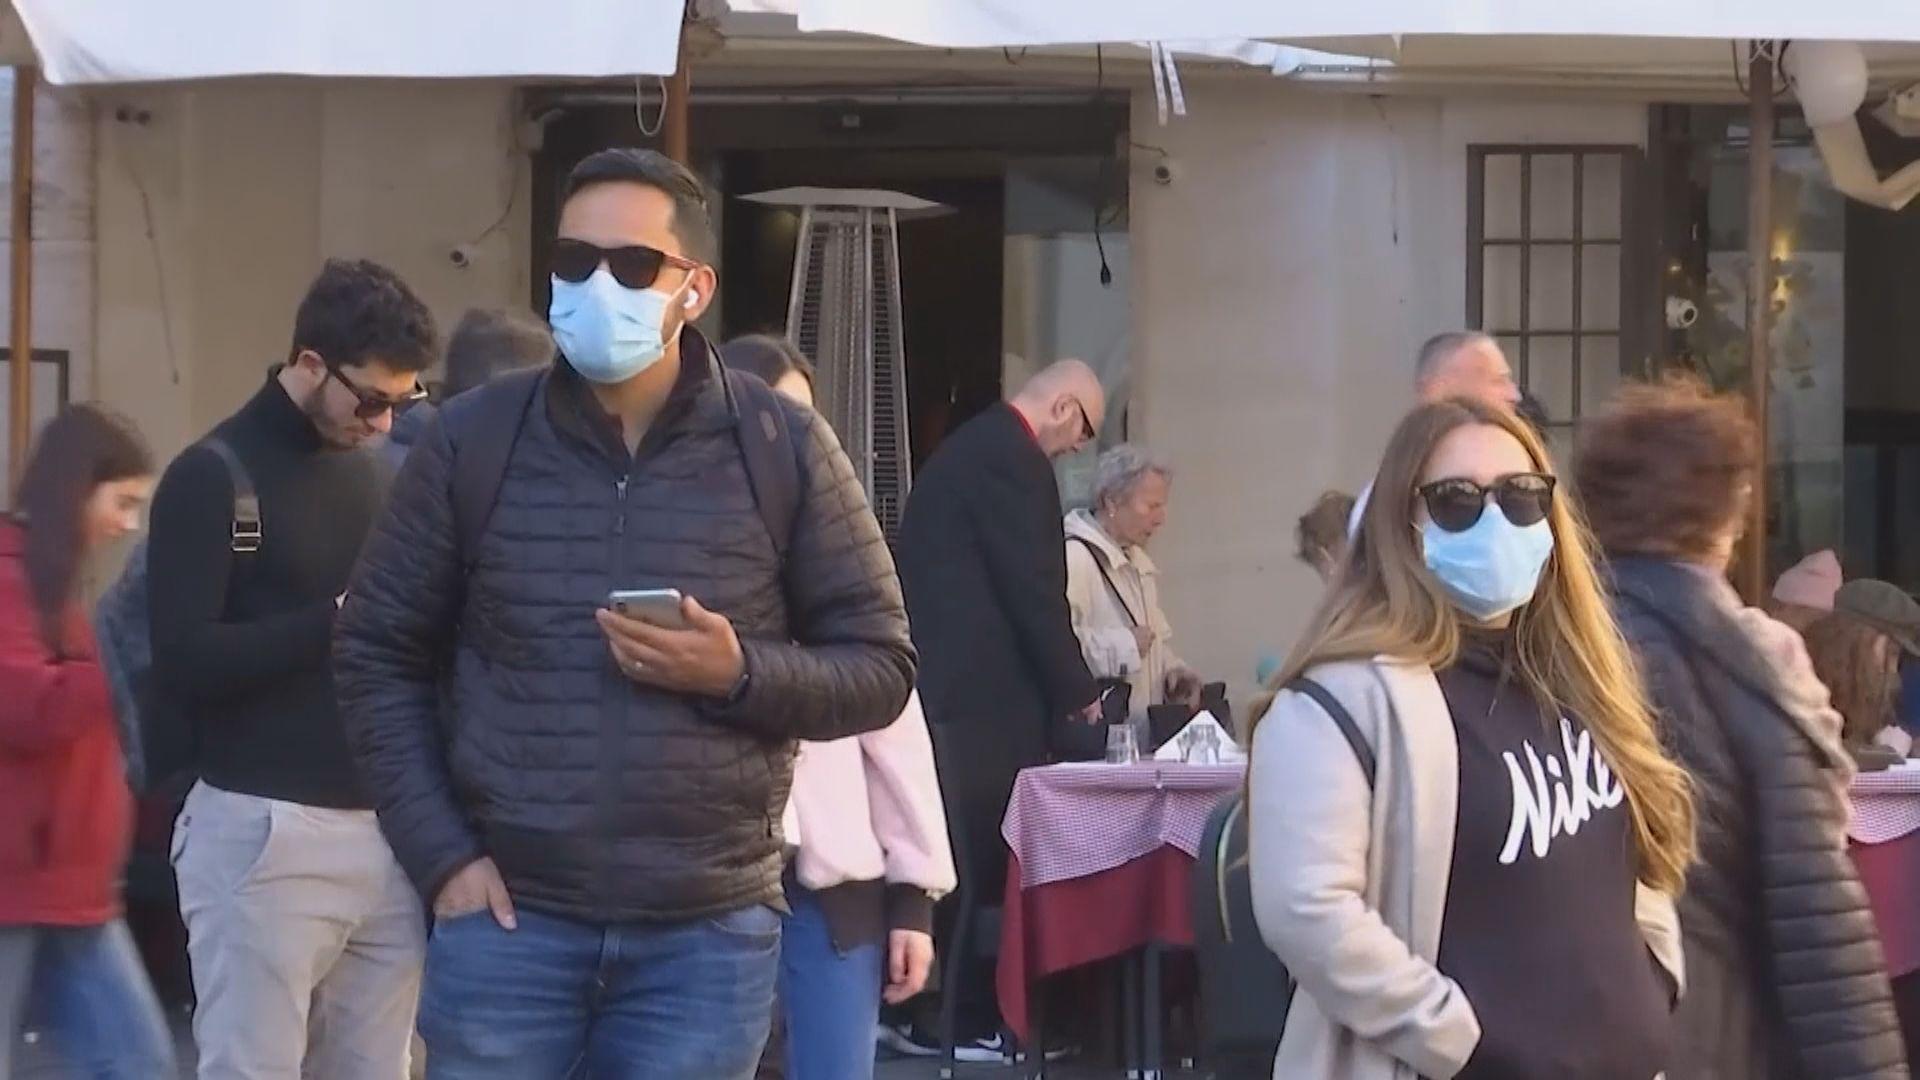 新型肺炎歐洲蔓延 德法確診數字分別破千